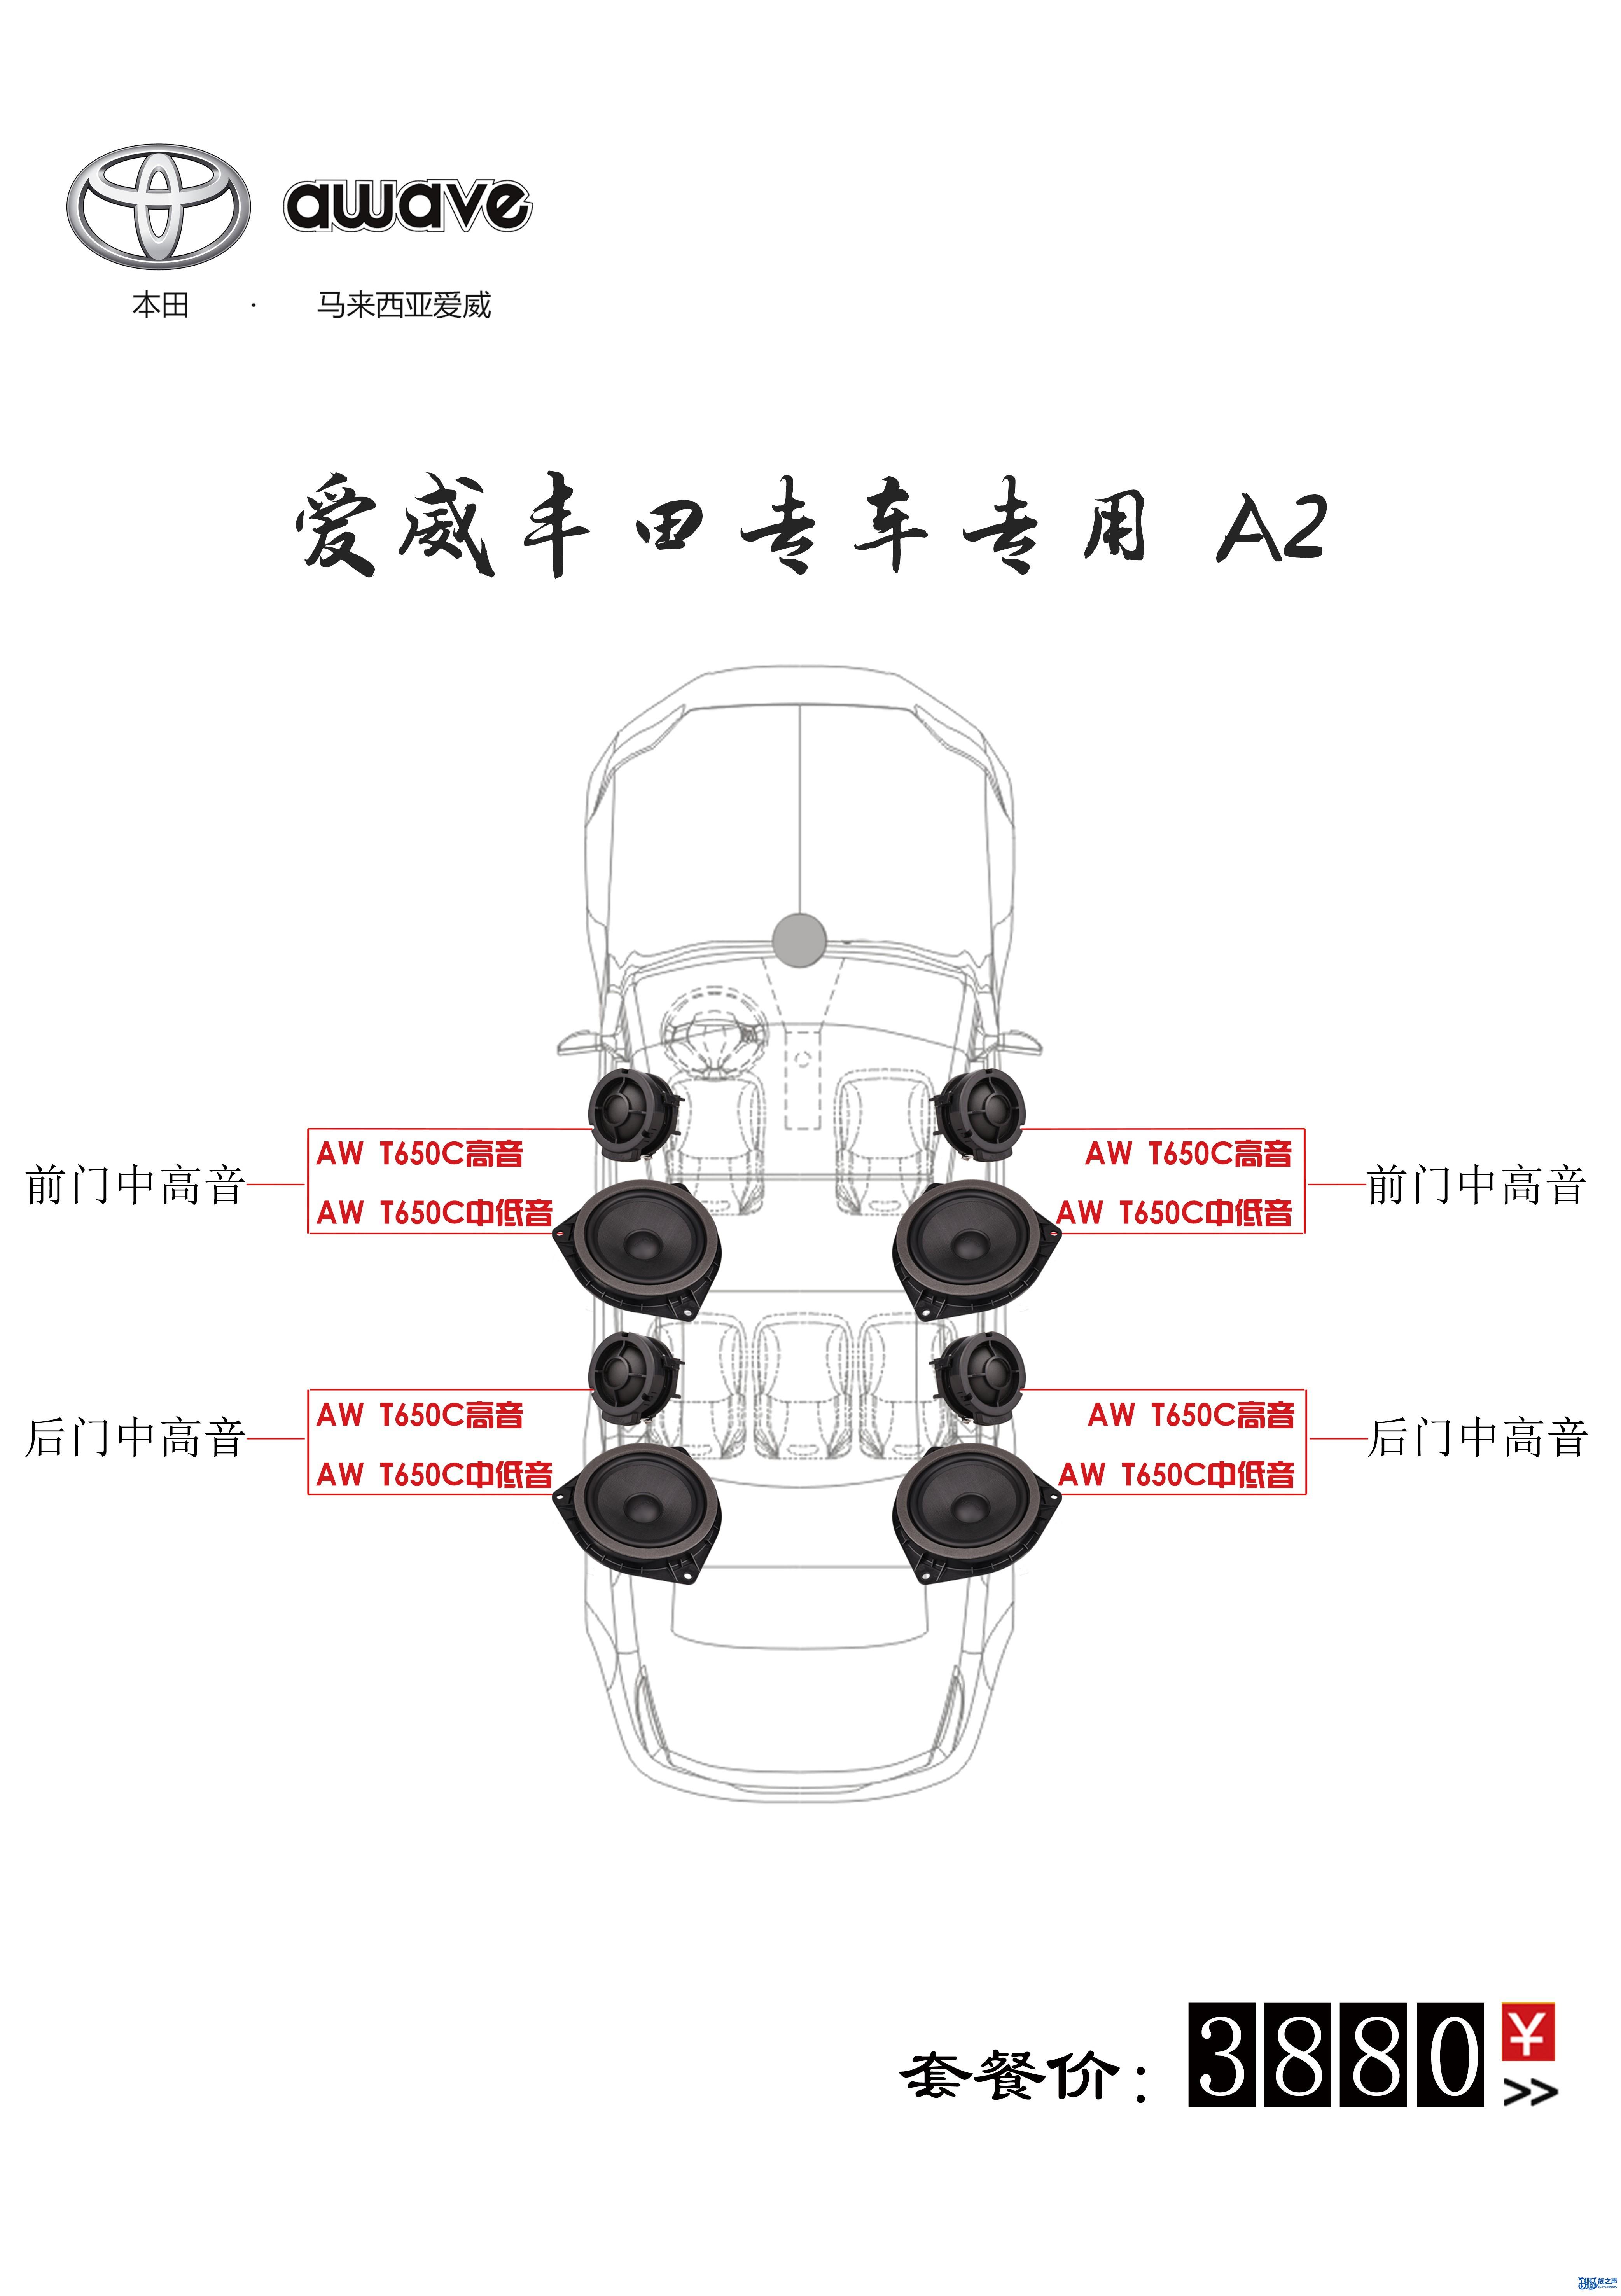 爱威丰田专车专用  A2.jpg